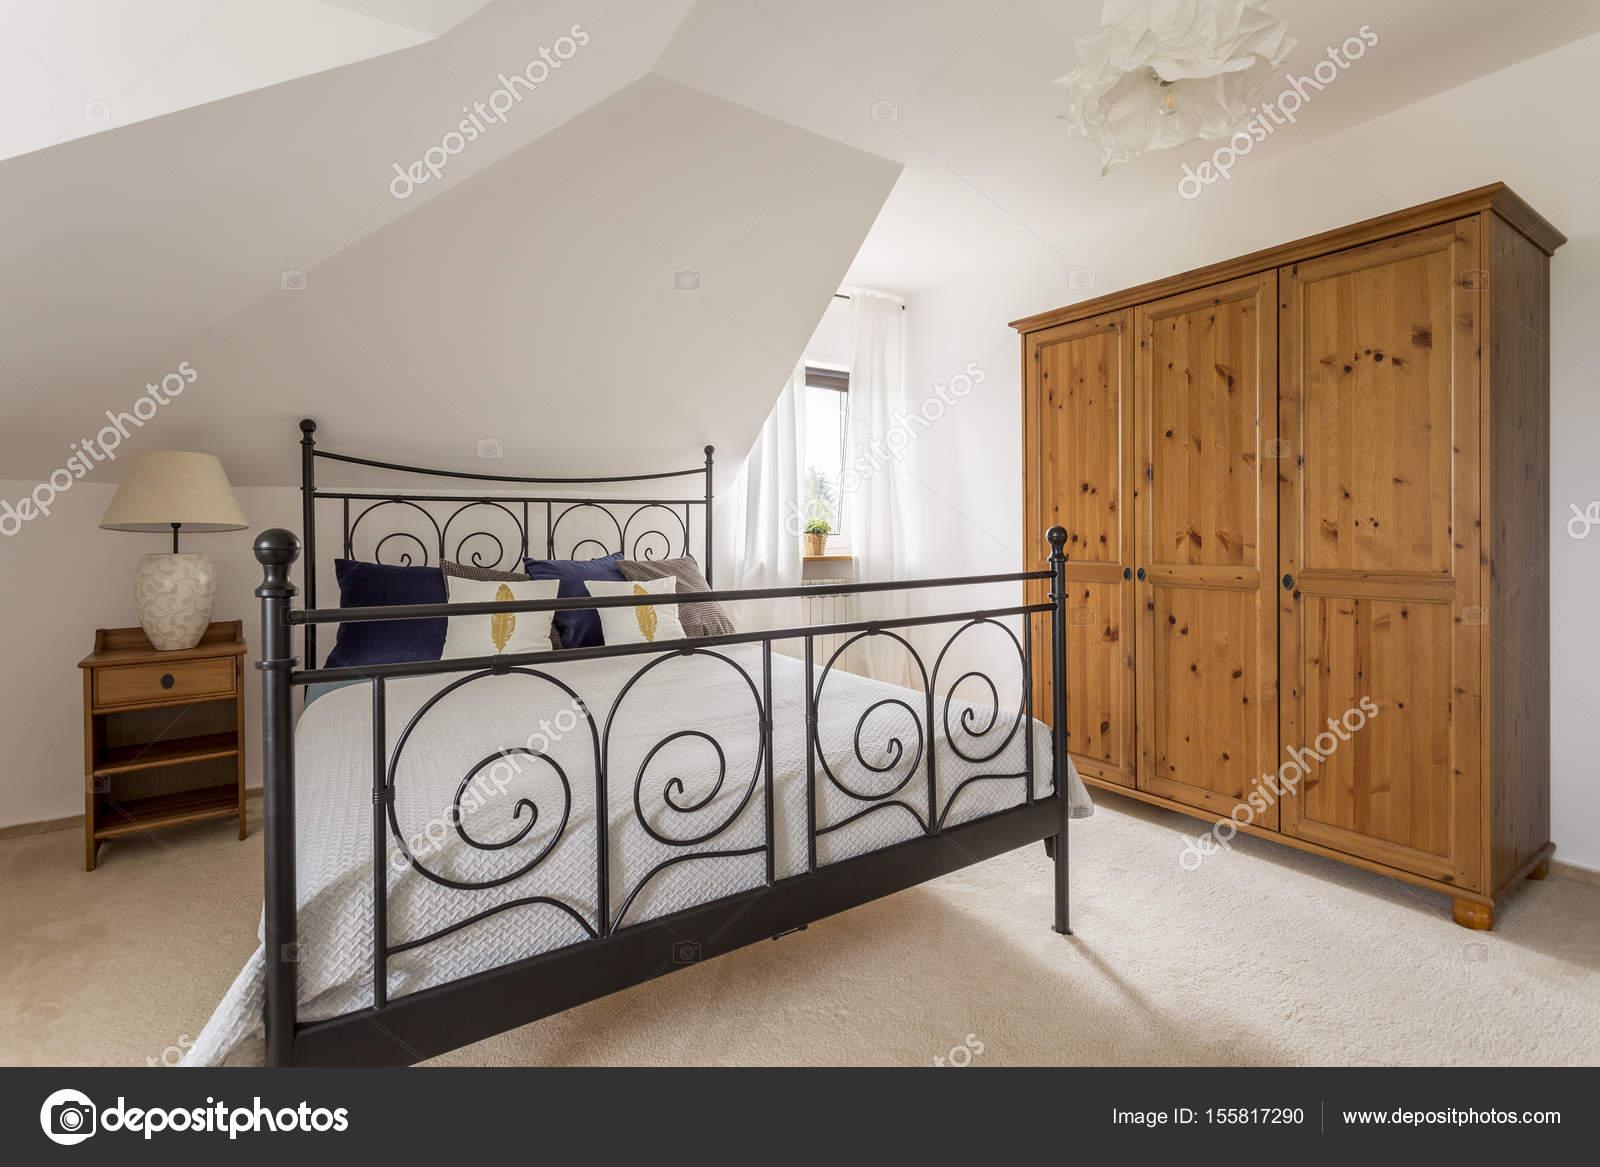 Sypialnia Z Dużym łóżkiem Zdjęcie Stockowe Photographee